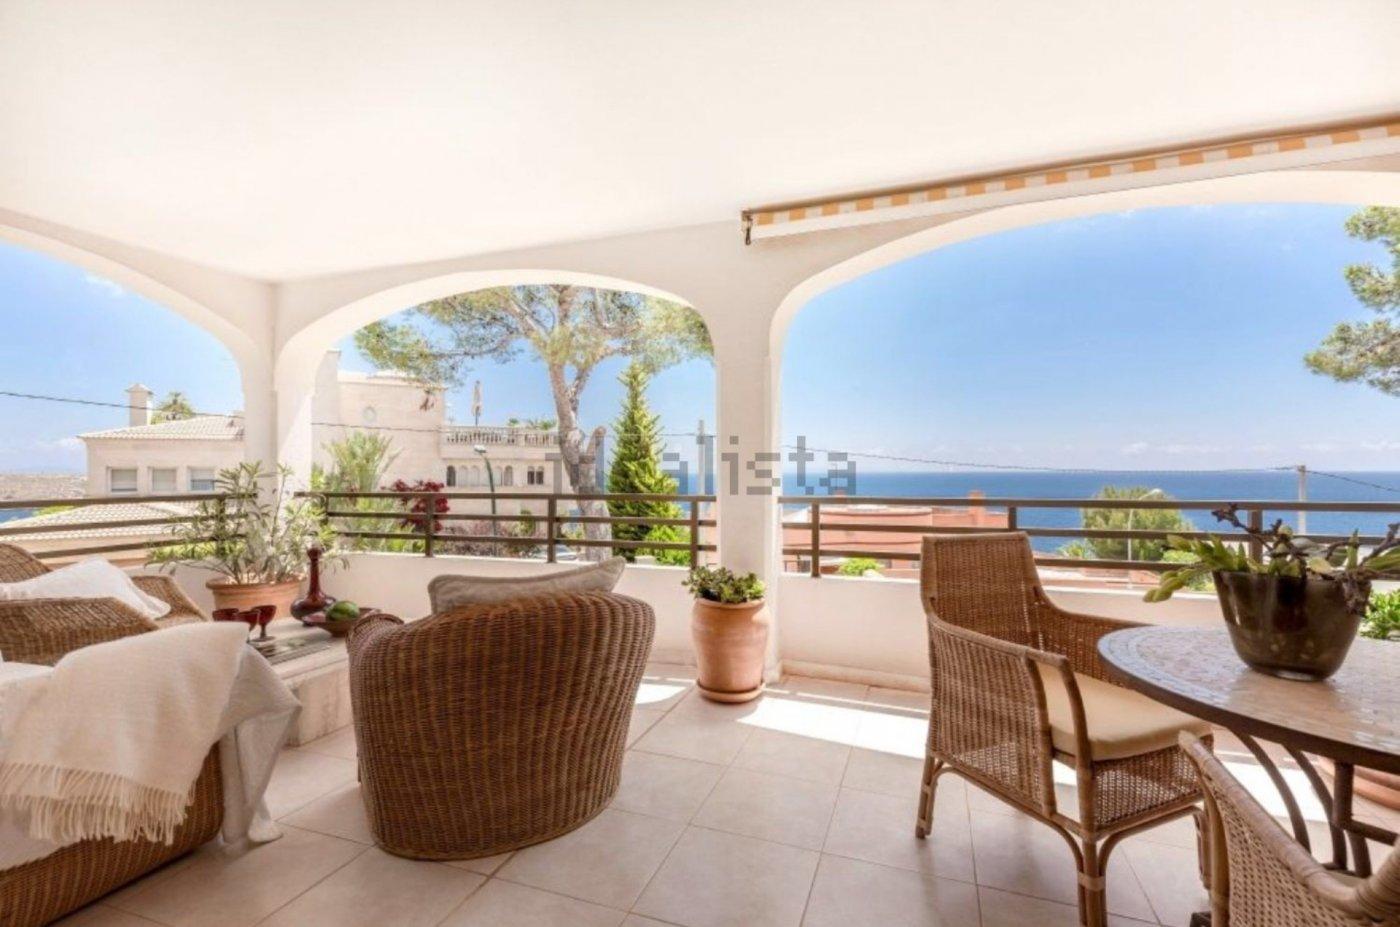 Precioso apartamento en cala vinyes con terraza y espectaculares vistas al mar